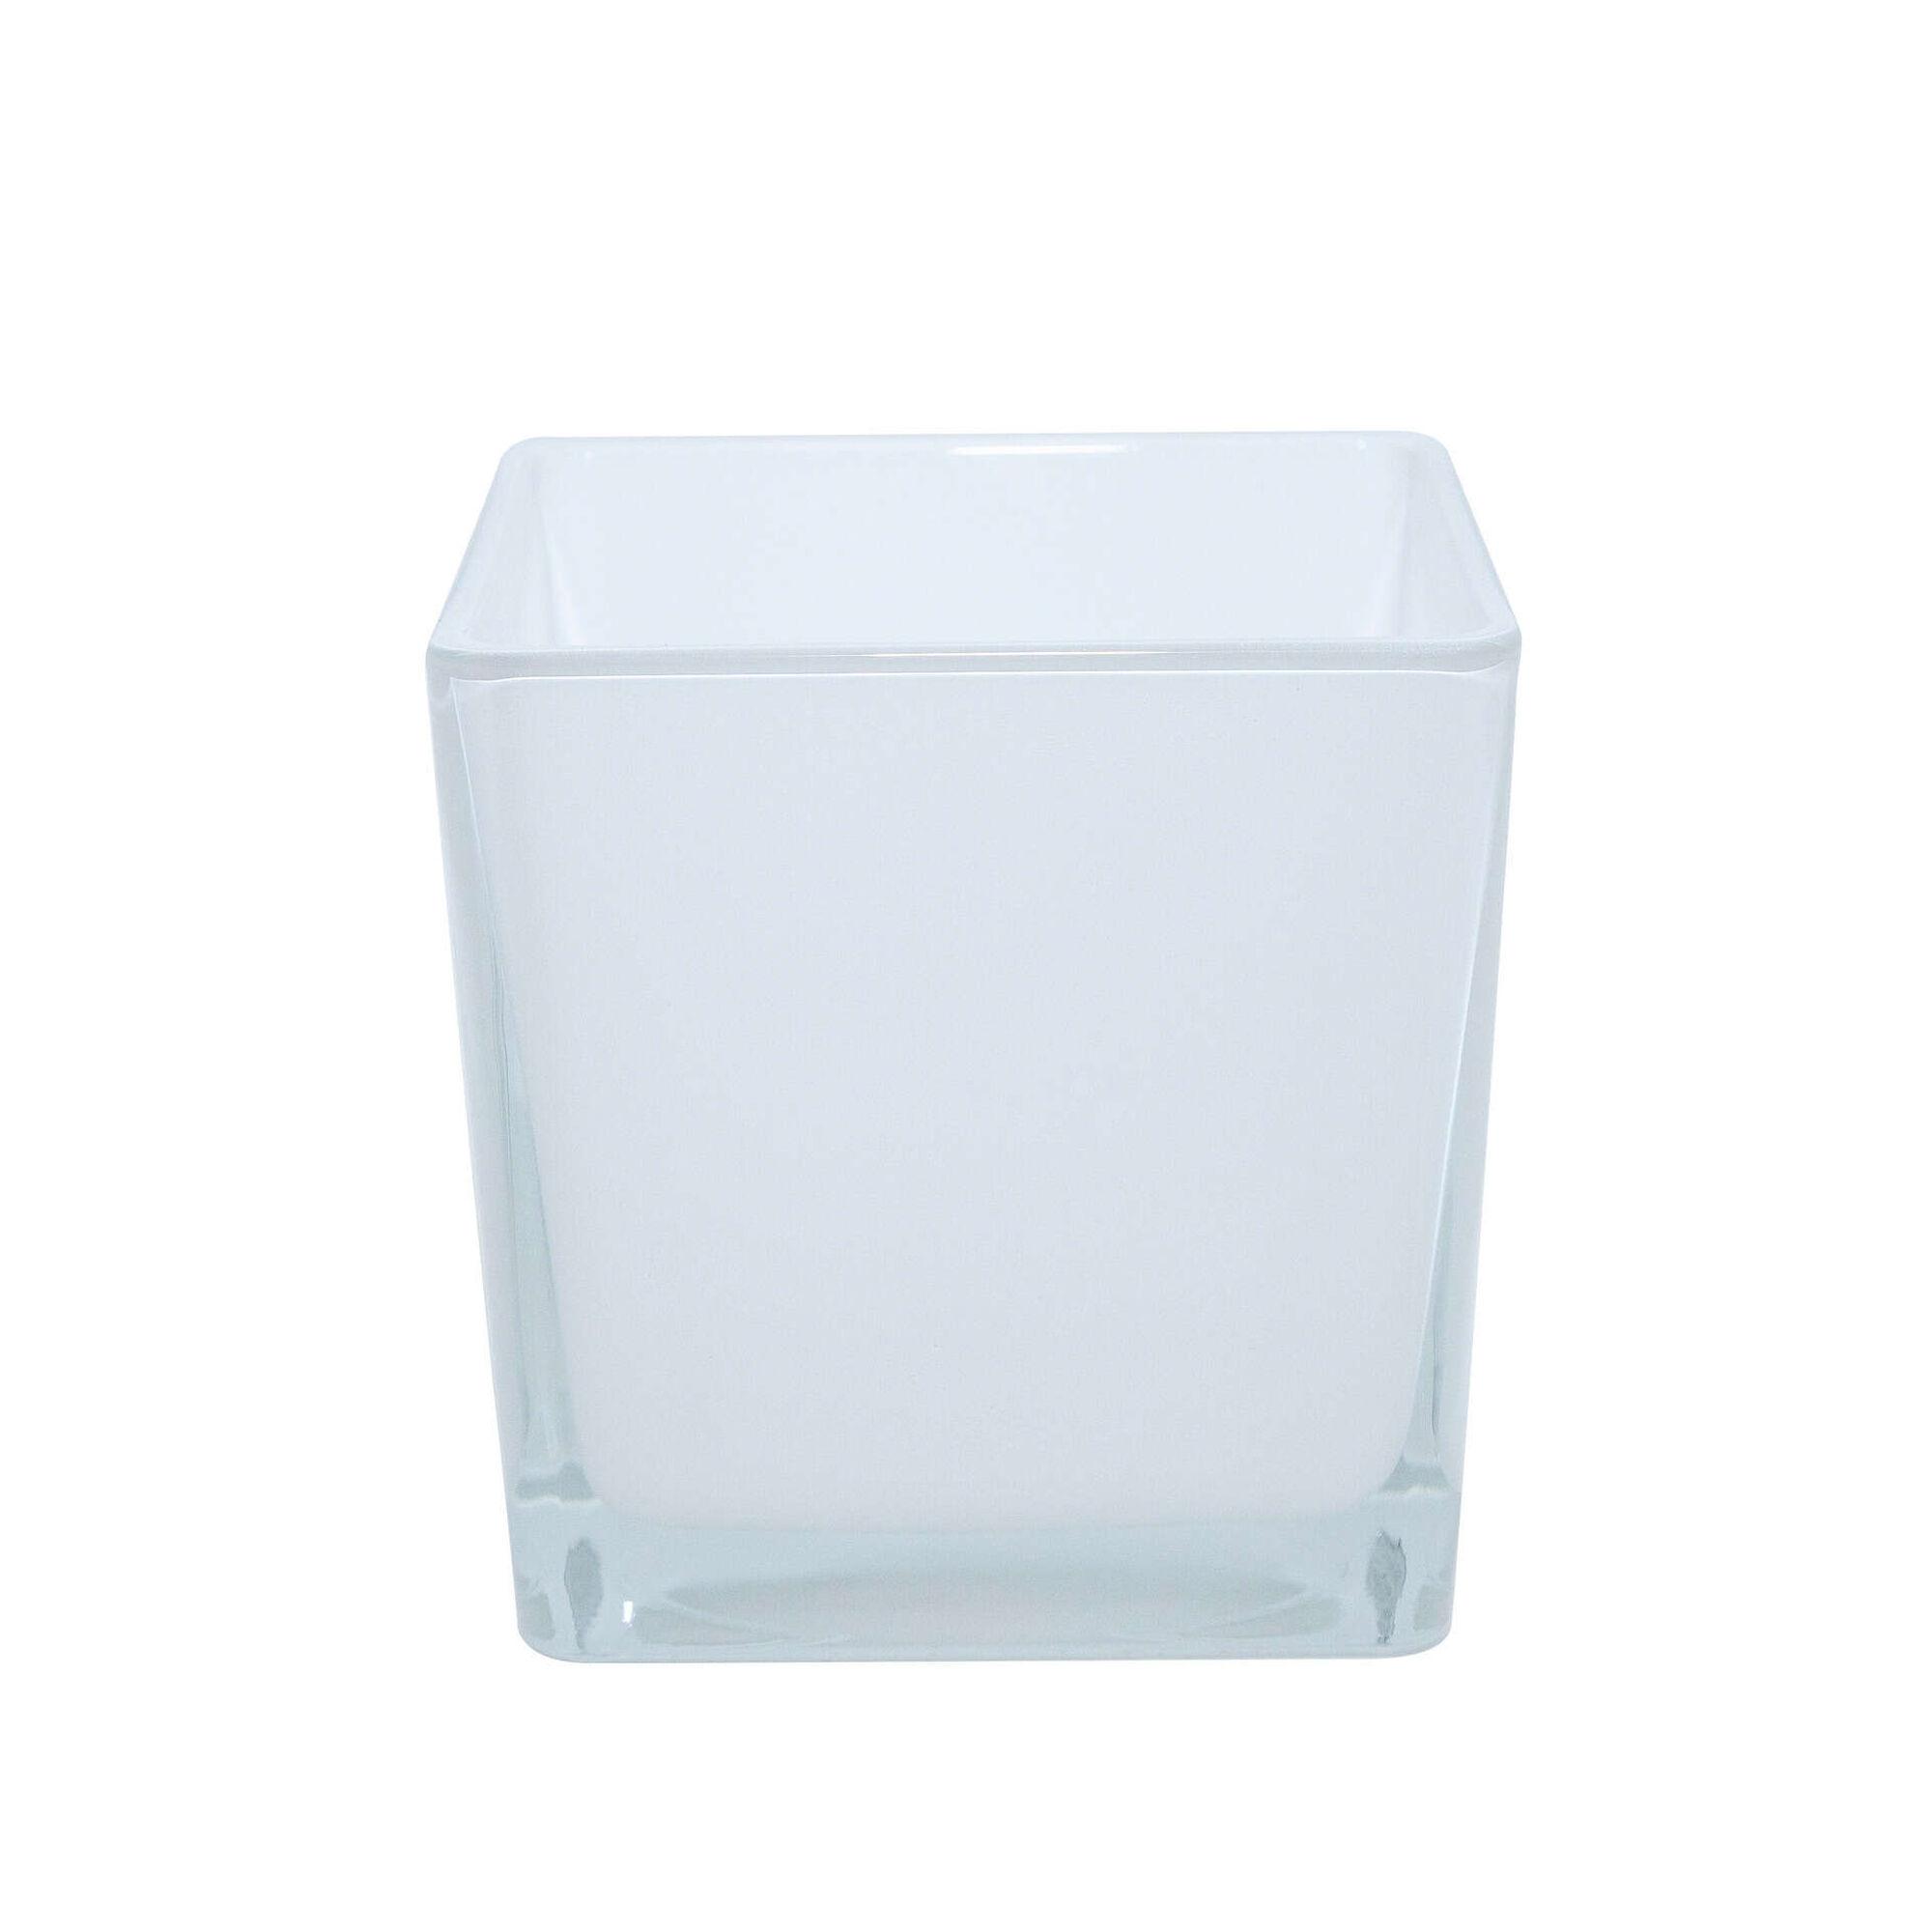 Vaso Quadrado Vidro 26cm Branco